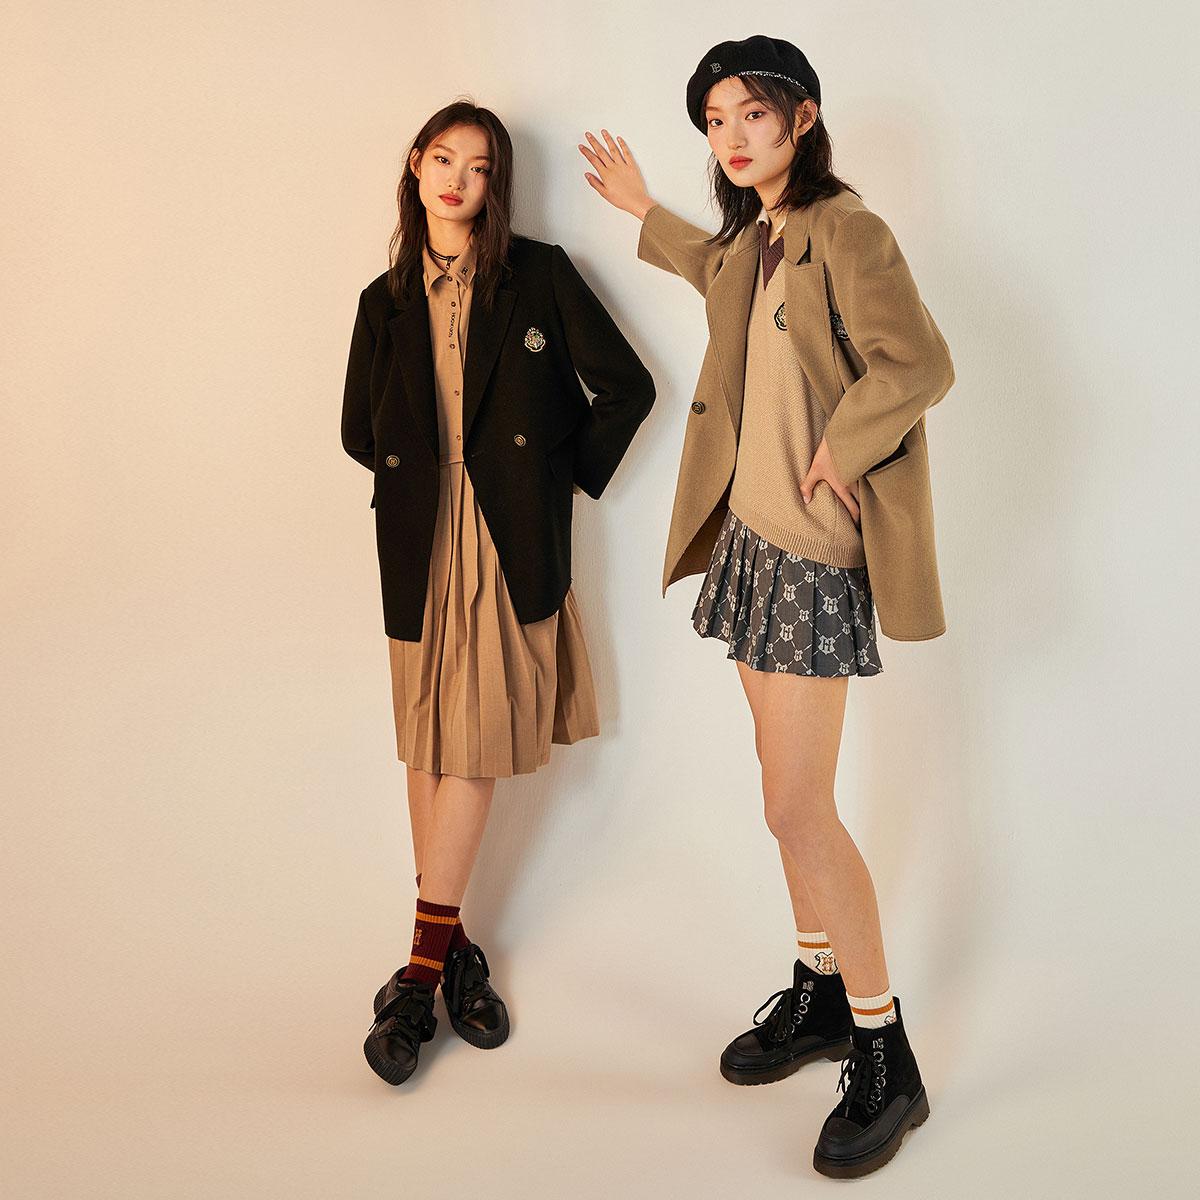 【哈利波特联名】太平鸟西装式外套女2020秋冬新款学院风毛呢外套